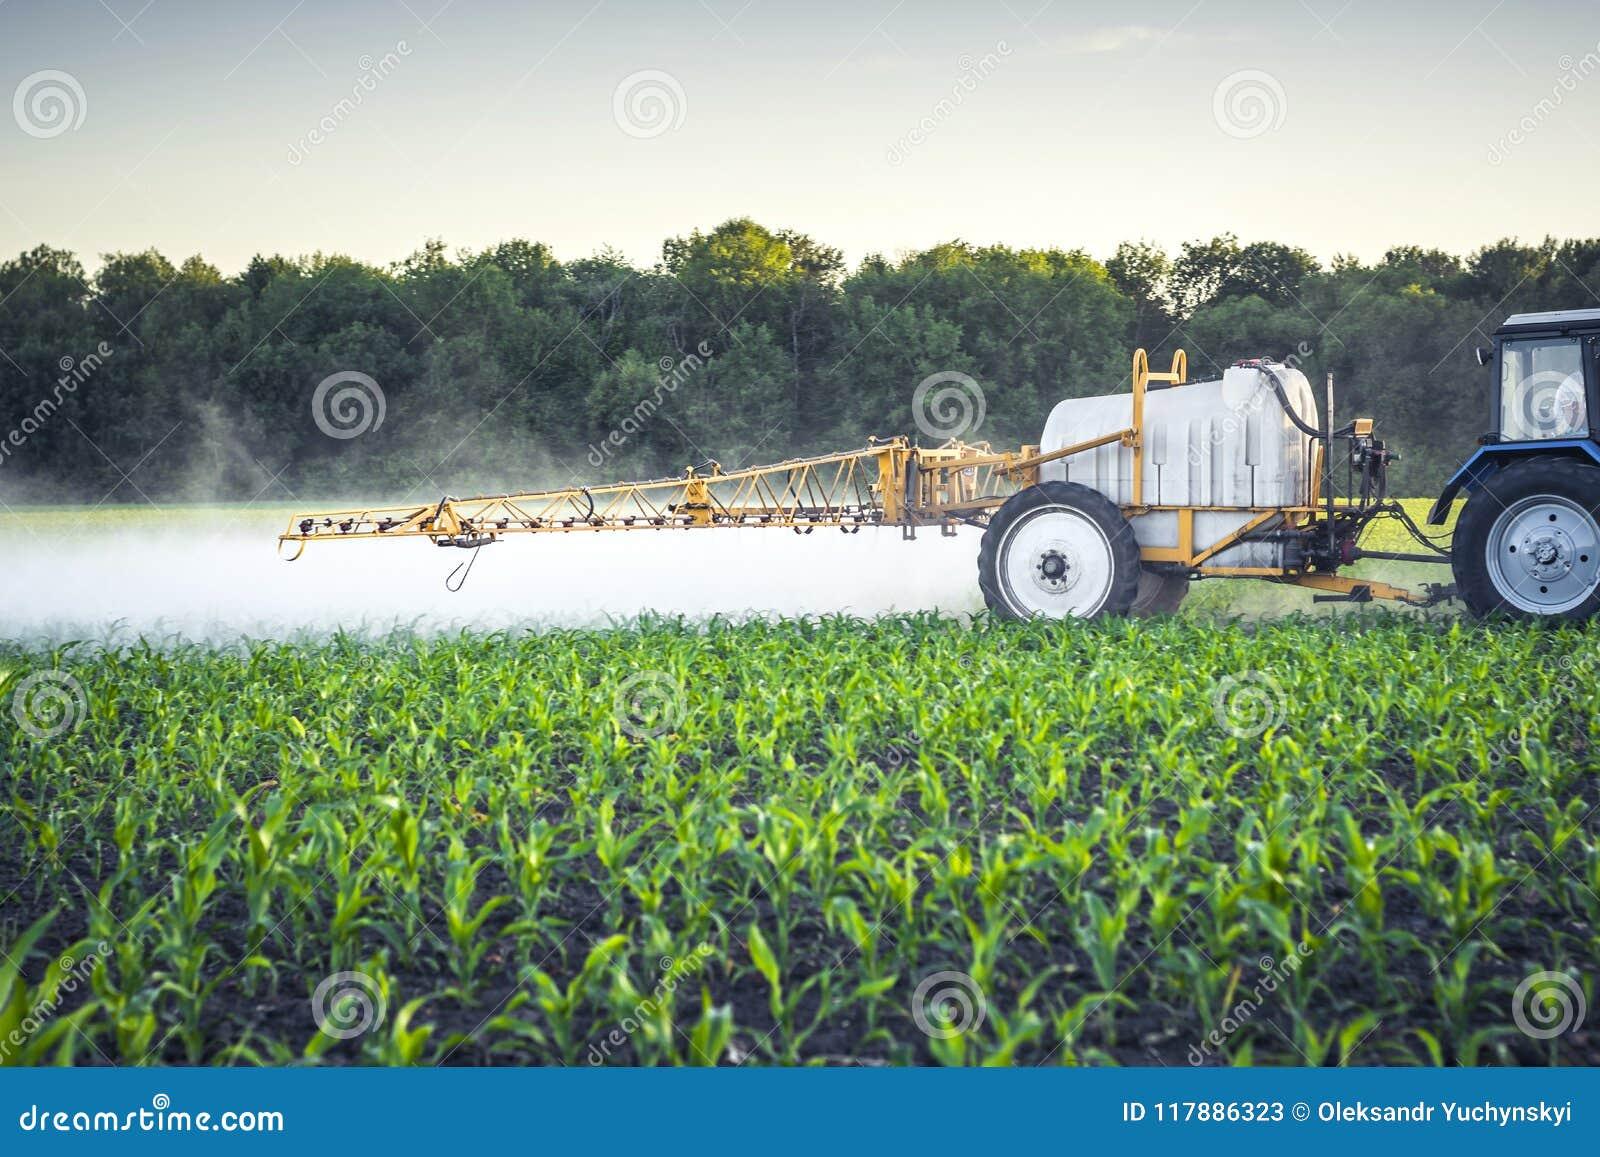 Rolnik na ciągniku z ciągniętą natryskownicą robi użyźniaczowi dla młodej kukurudzy w postaci microdroplets